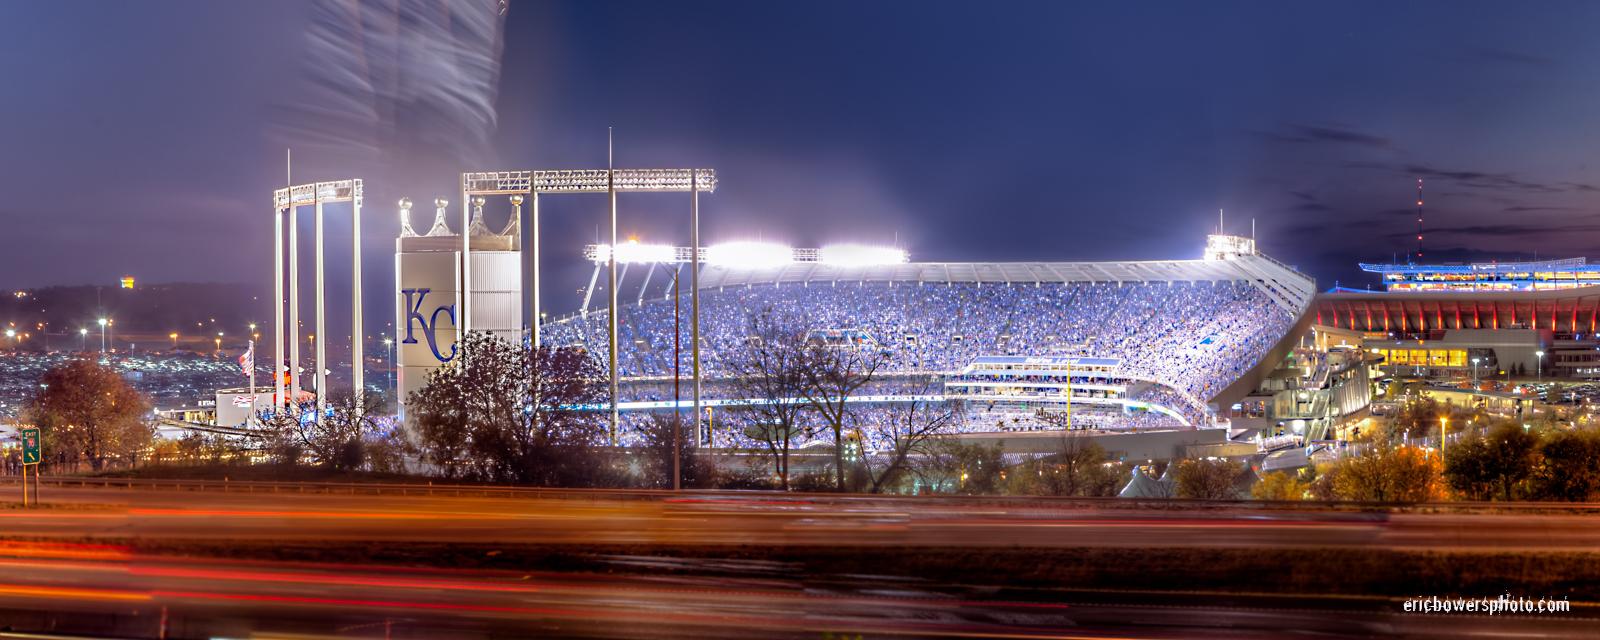 Kauffman Stadium Panorama - KC Royals